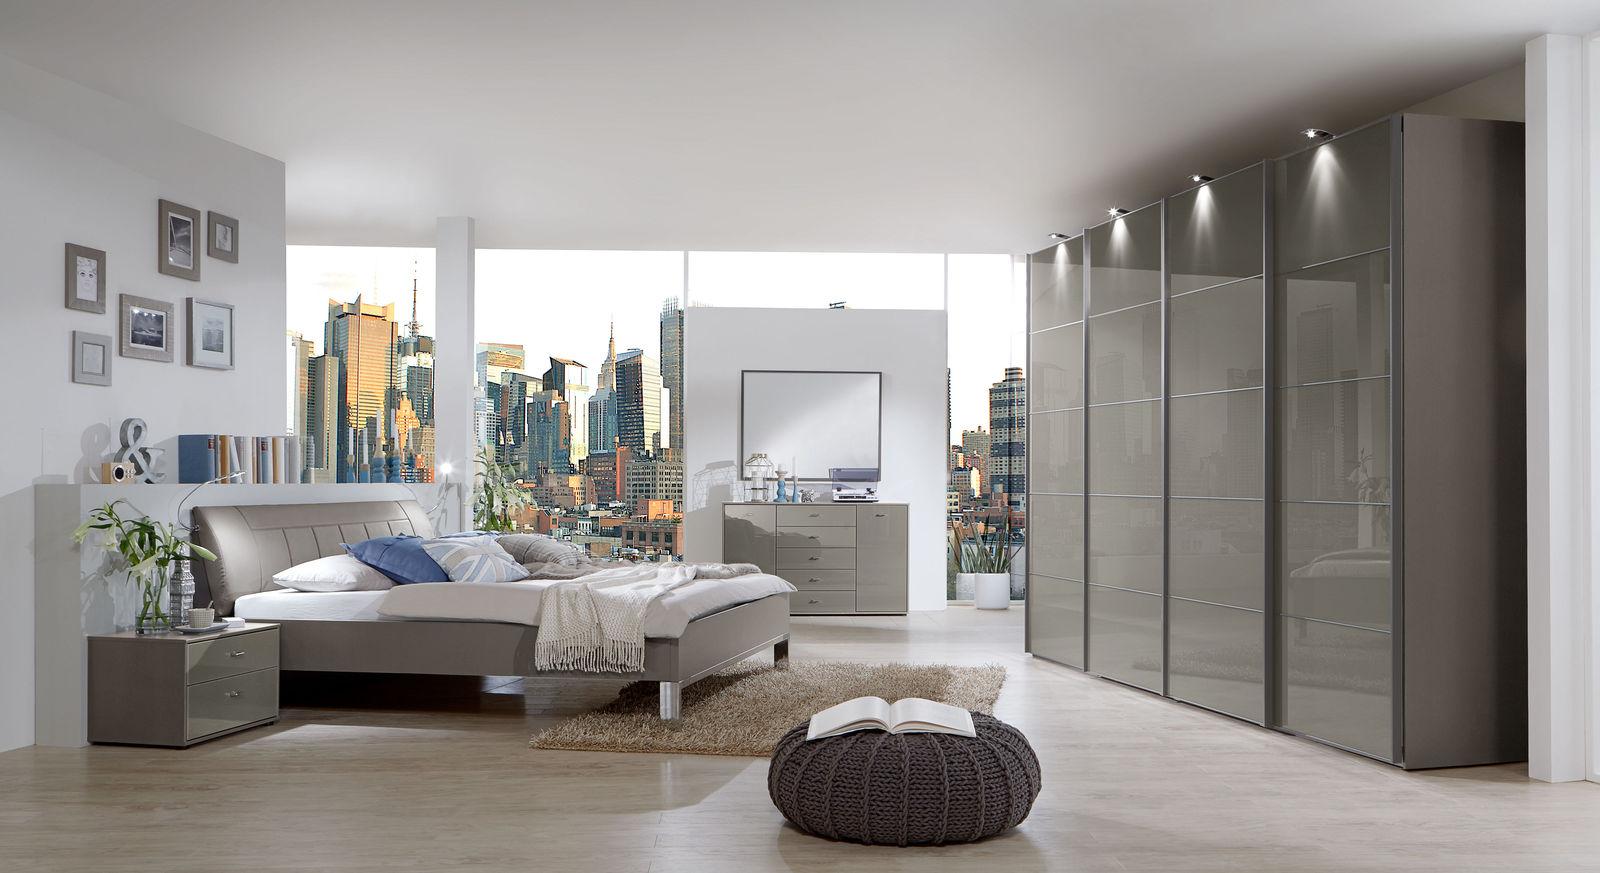 Modernes Schlafzimmer Dekor mit Schwebetürenschrank - Dilly